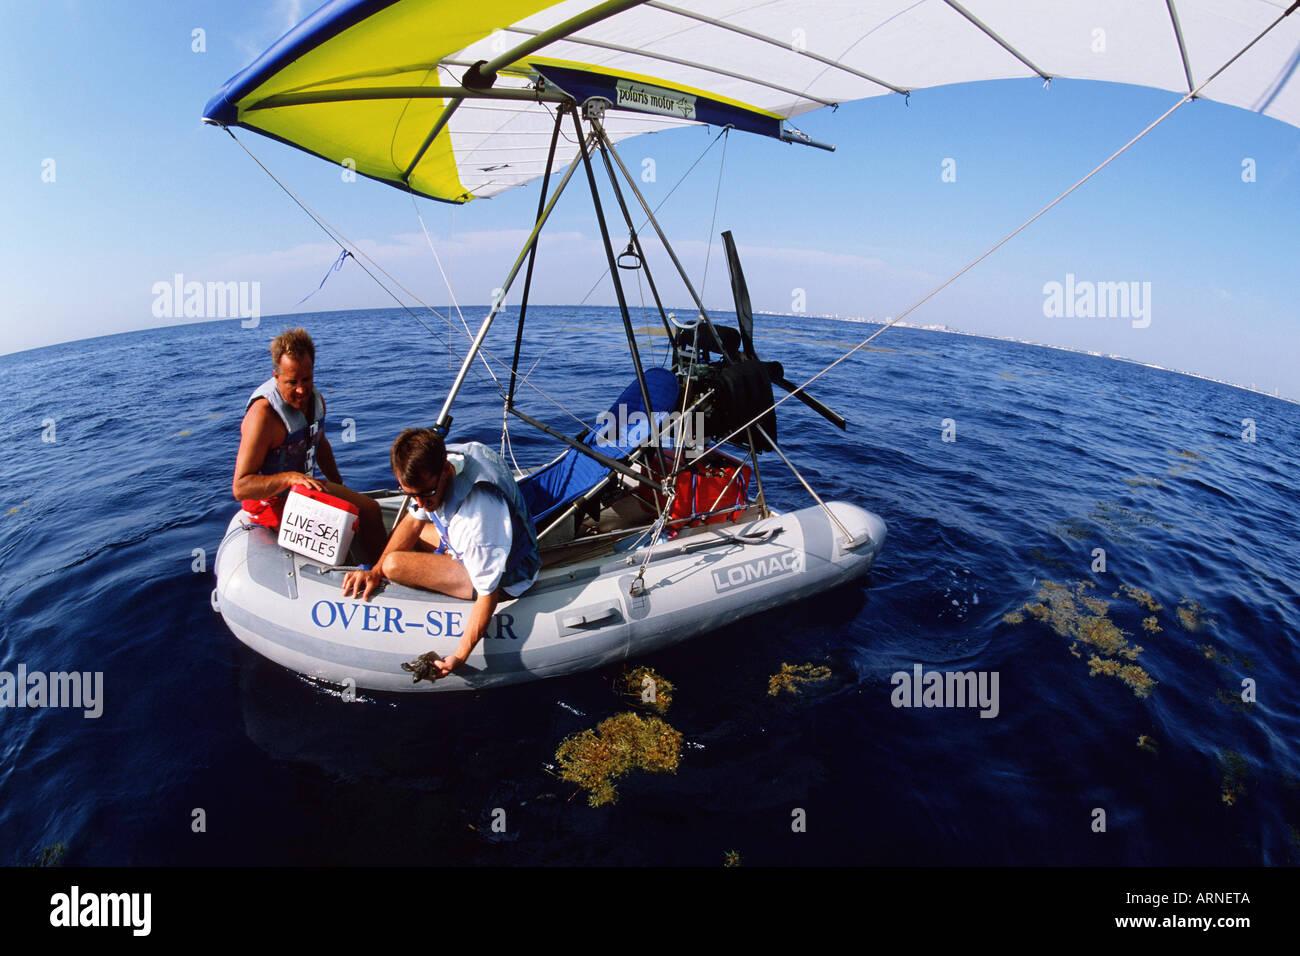 Instalaciones de rehabilitación de tortugas marinas tortugas lesionado ayuda regresar al mar de forma segura los menores son liberados en el océano abierto evitando pesados depredación costera del Océano Atlántico de Florida Foto de stock